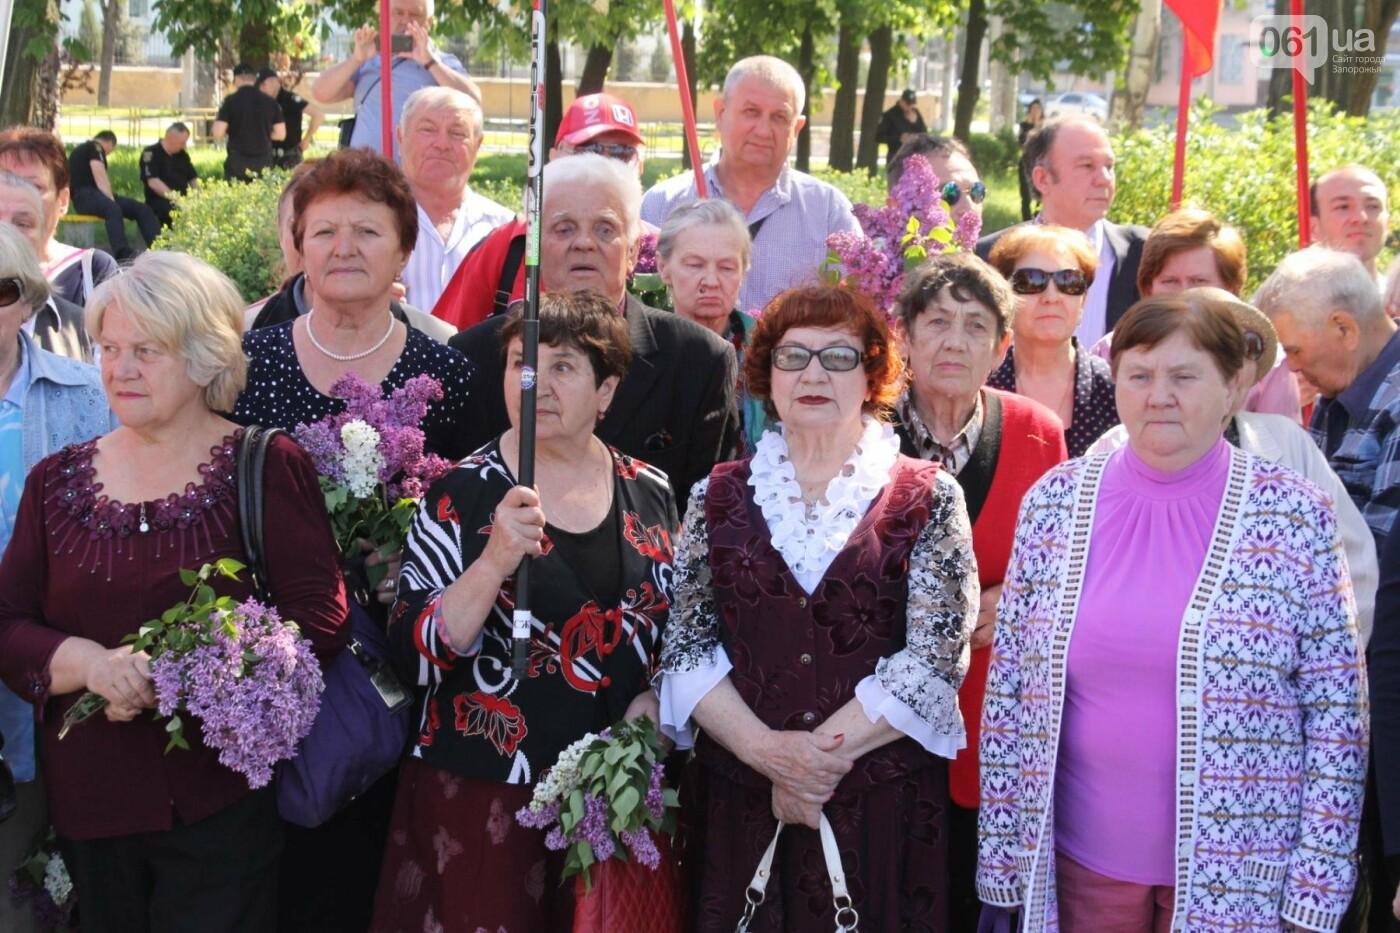 Запорожские коммунисты с красными флагами провели митинг к 1 мая: к «вечному огню» на Свободы пришли полсотни людей, – ФОТОРЕПОРТАЖ, фото-14